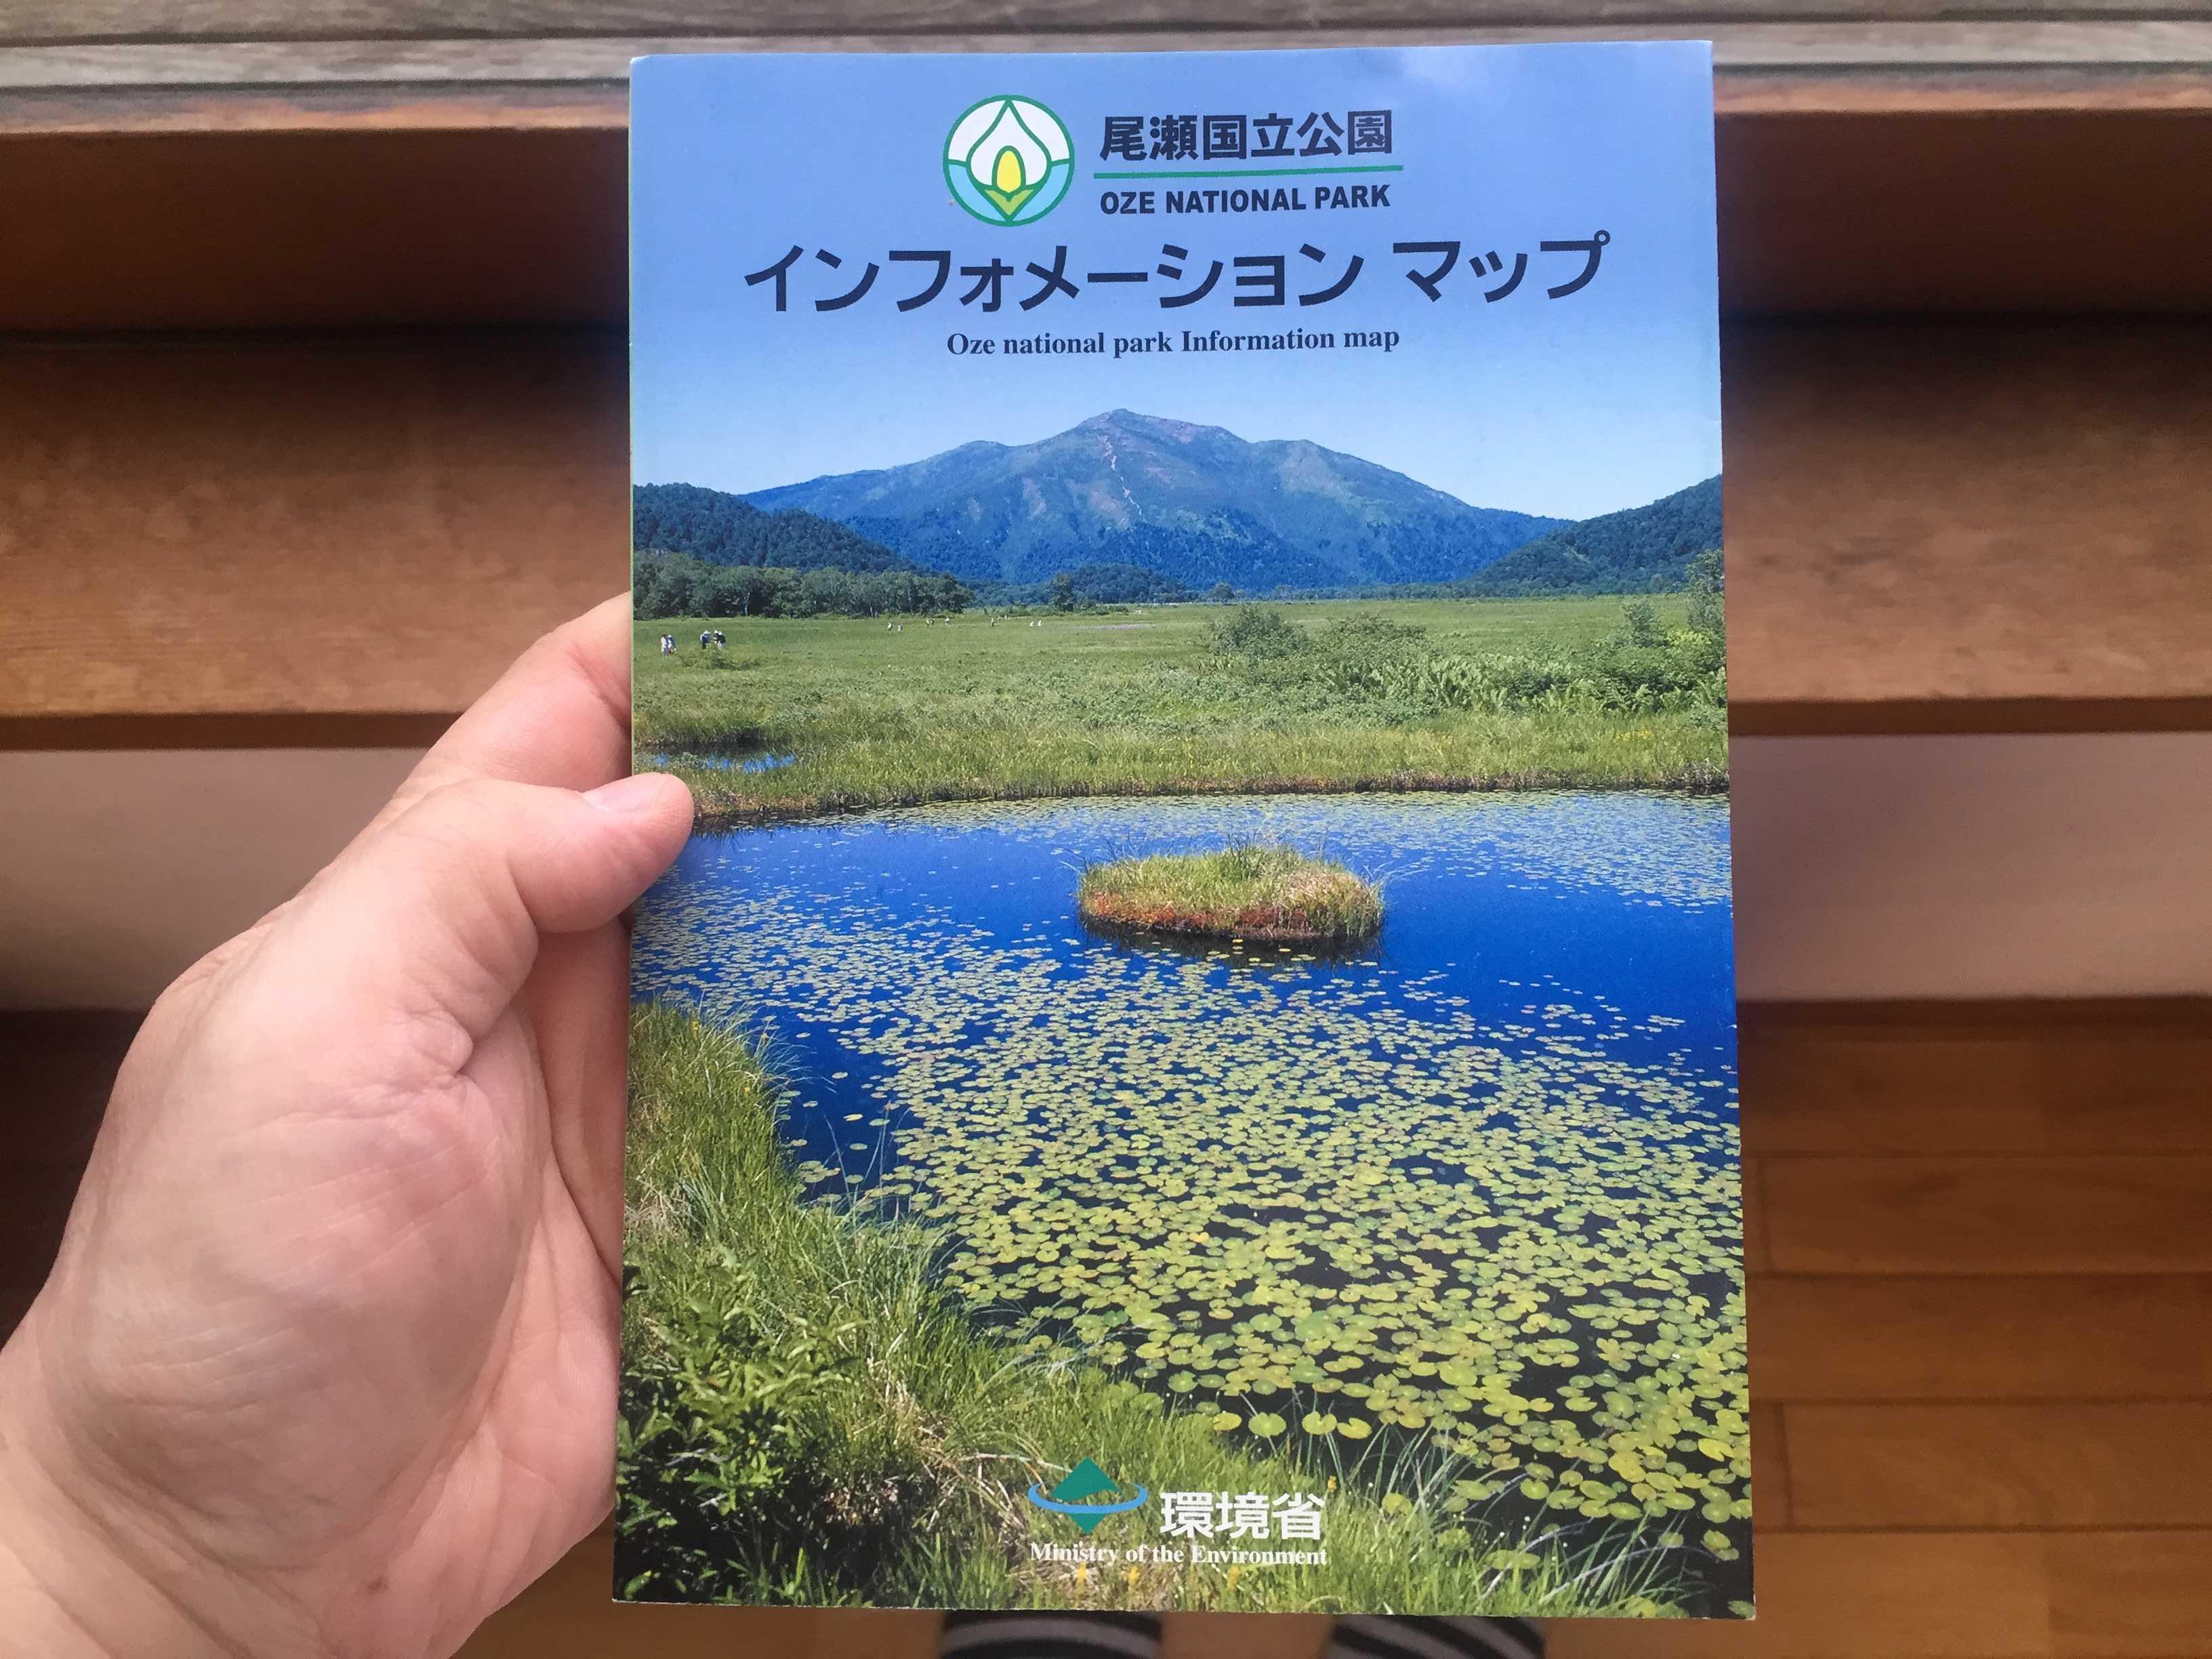 尾瀬国立公園インフォメーションマップ(環境省) - Oze national park Information map / Ministry of the Environment